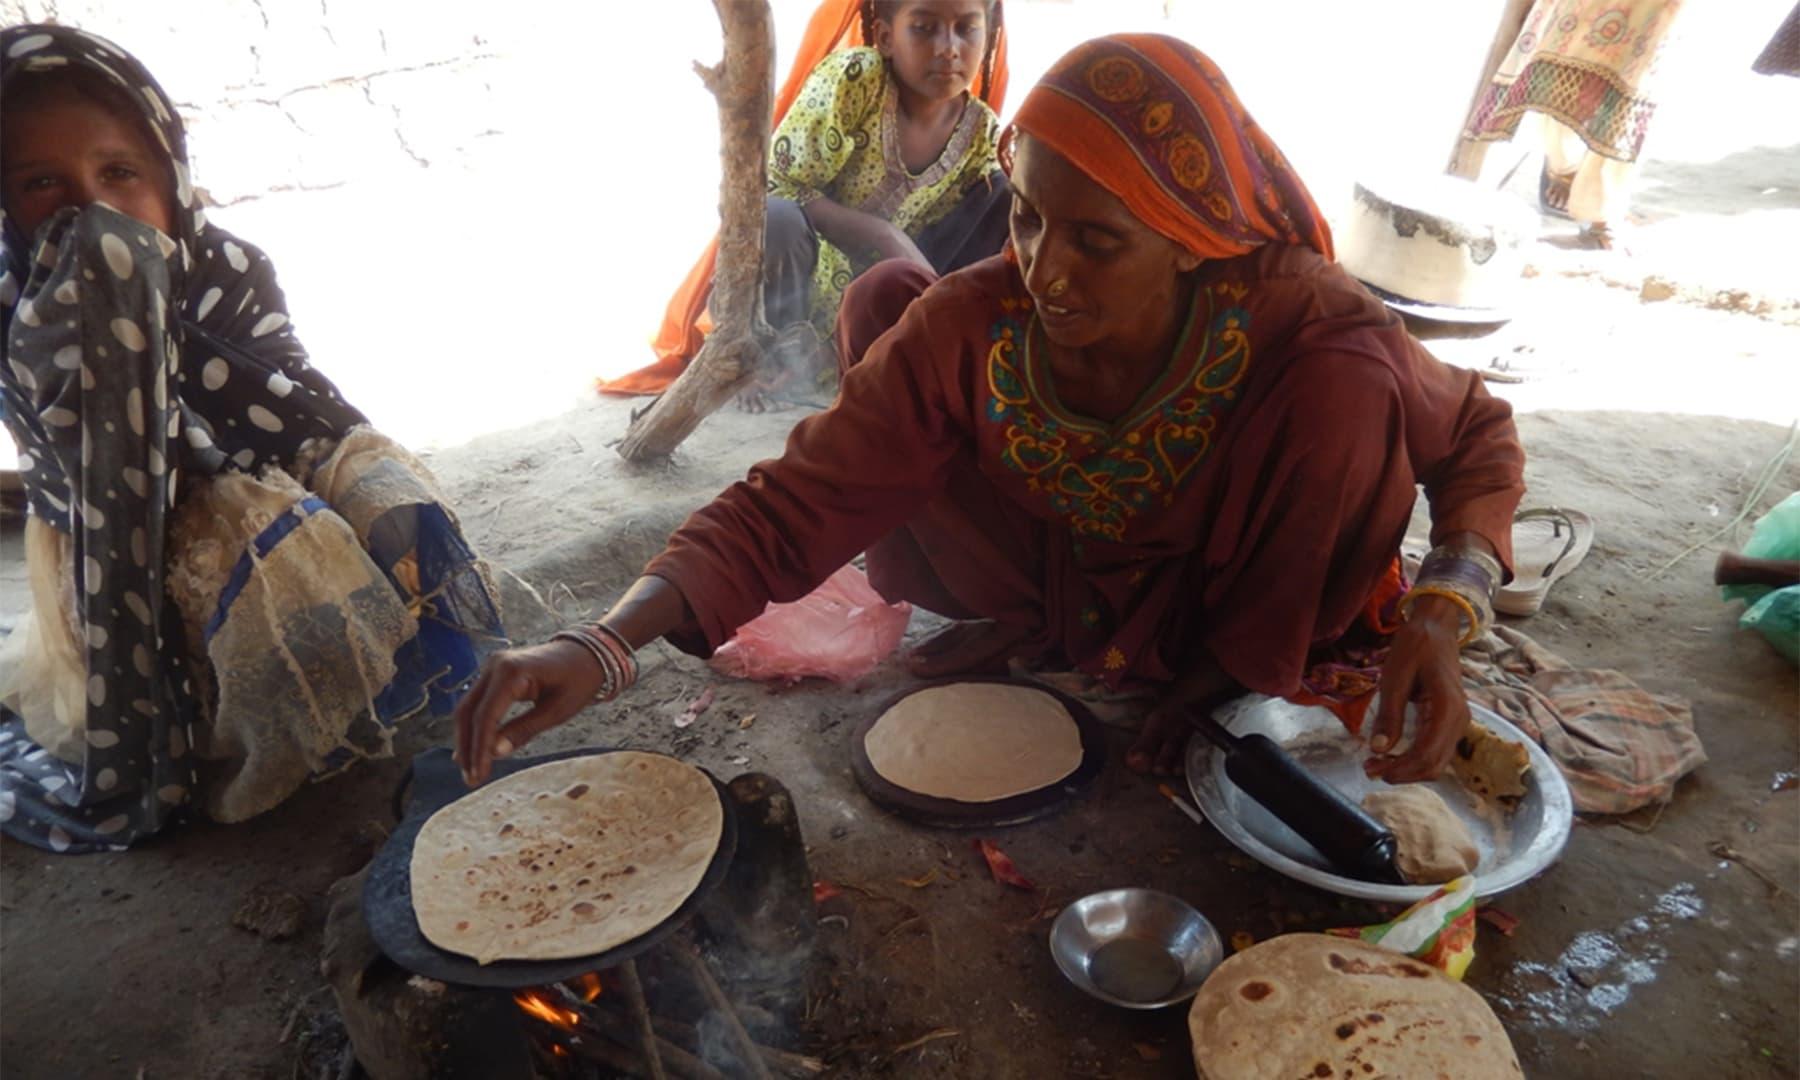 گاؤں میں دوپہر کی روٹی بننے کا منظر